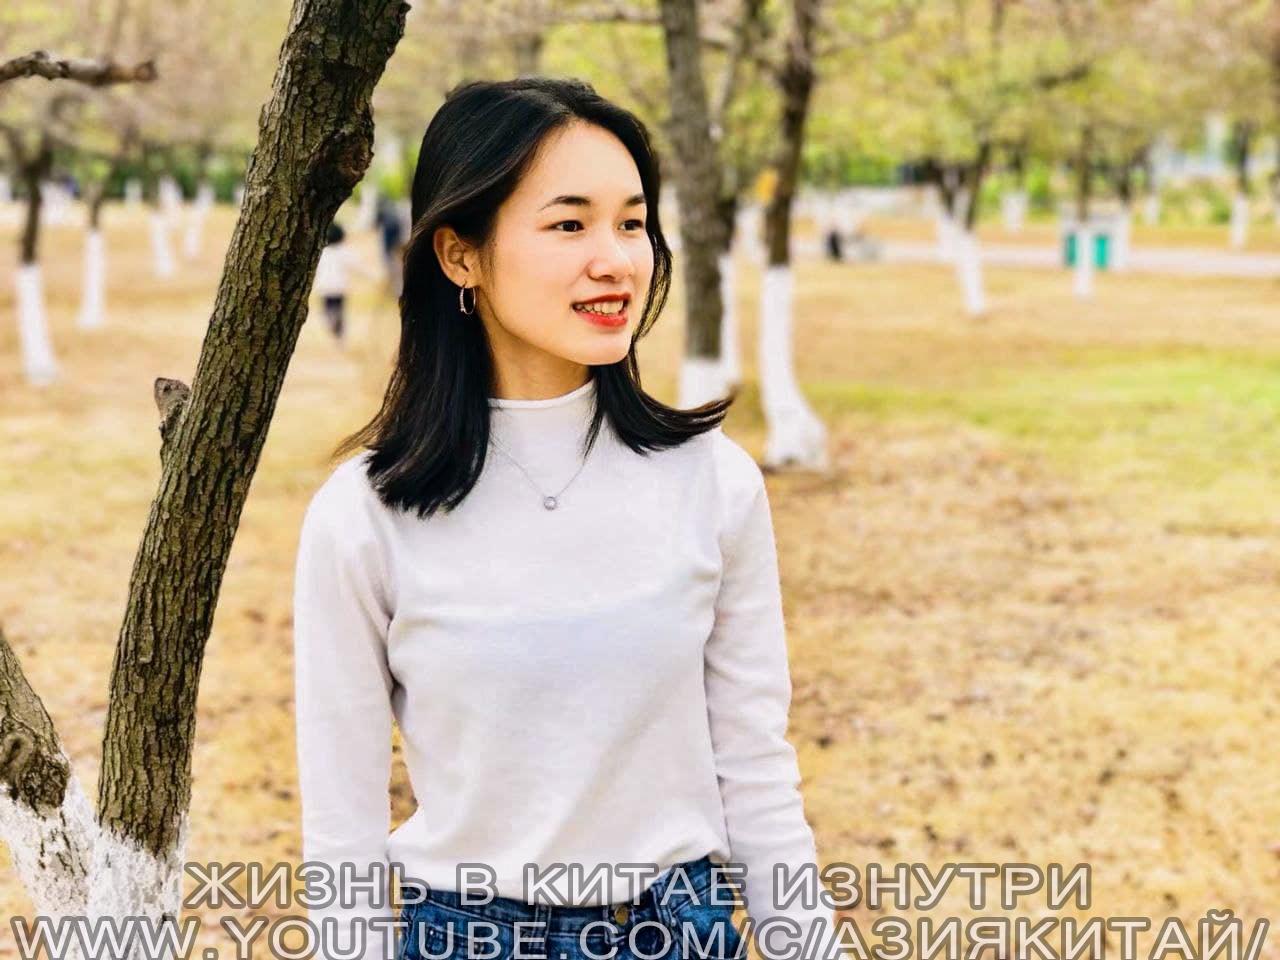 Азиатка Тоже Хочет Хорошо Провести Время